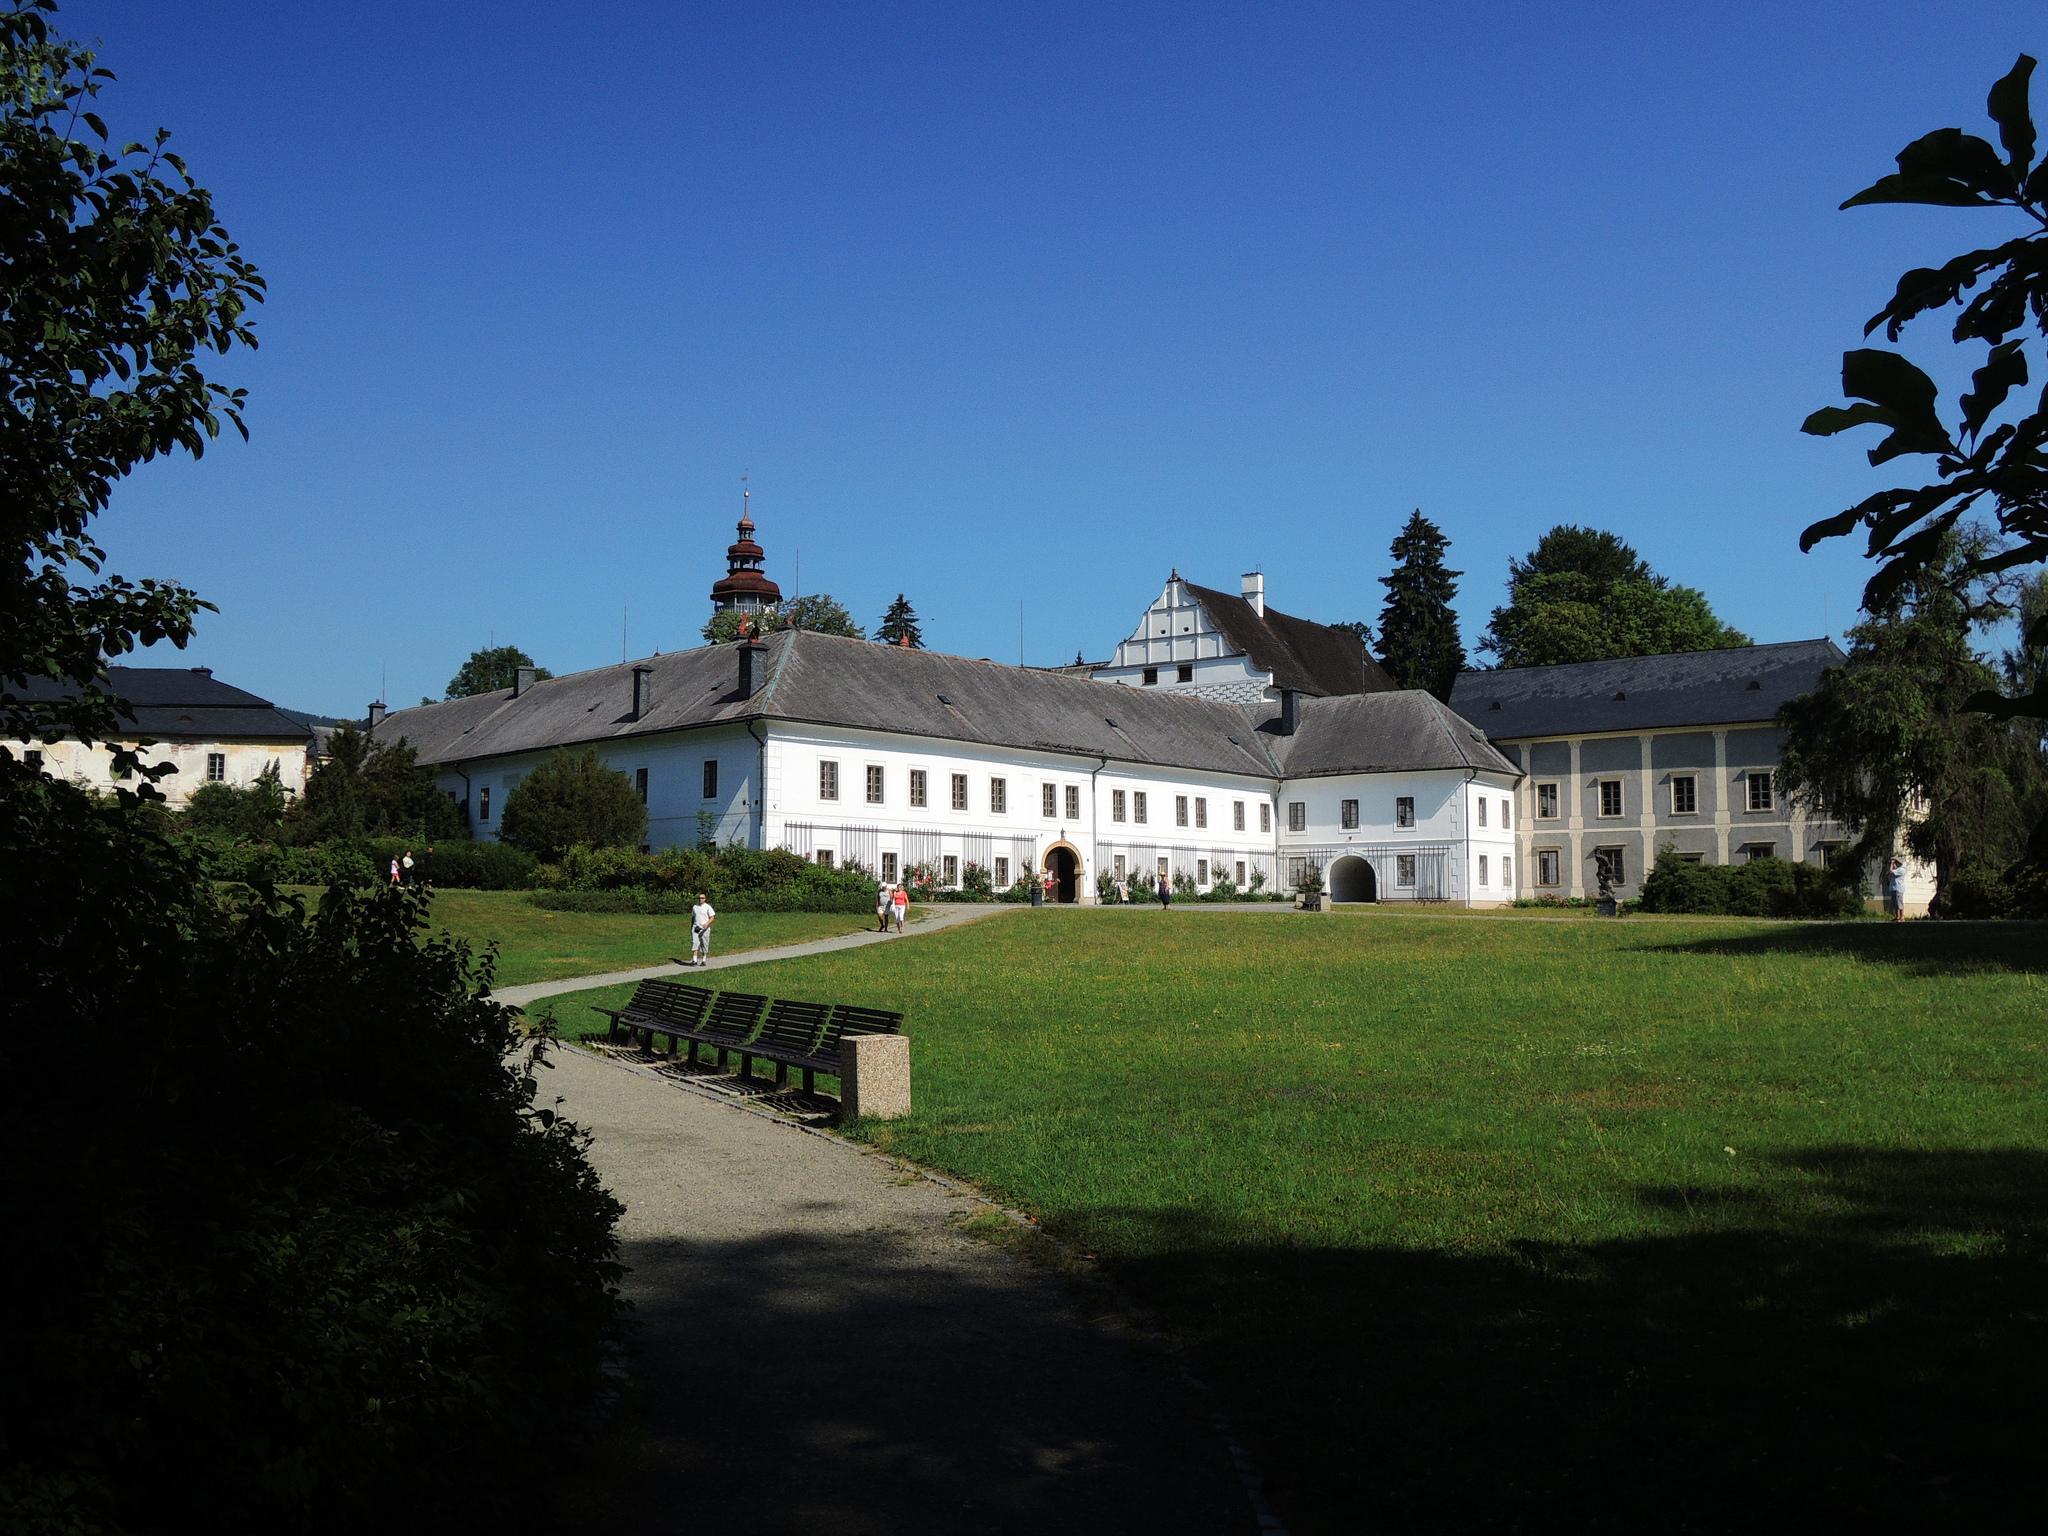 velke-losiny-zamek